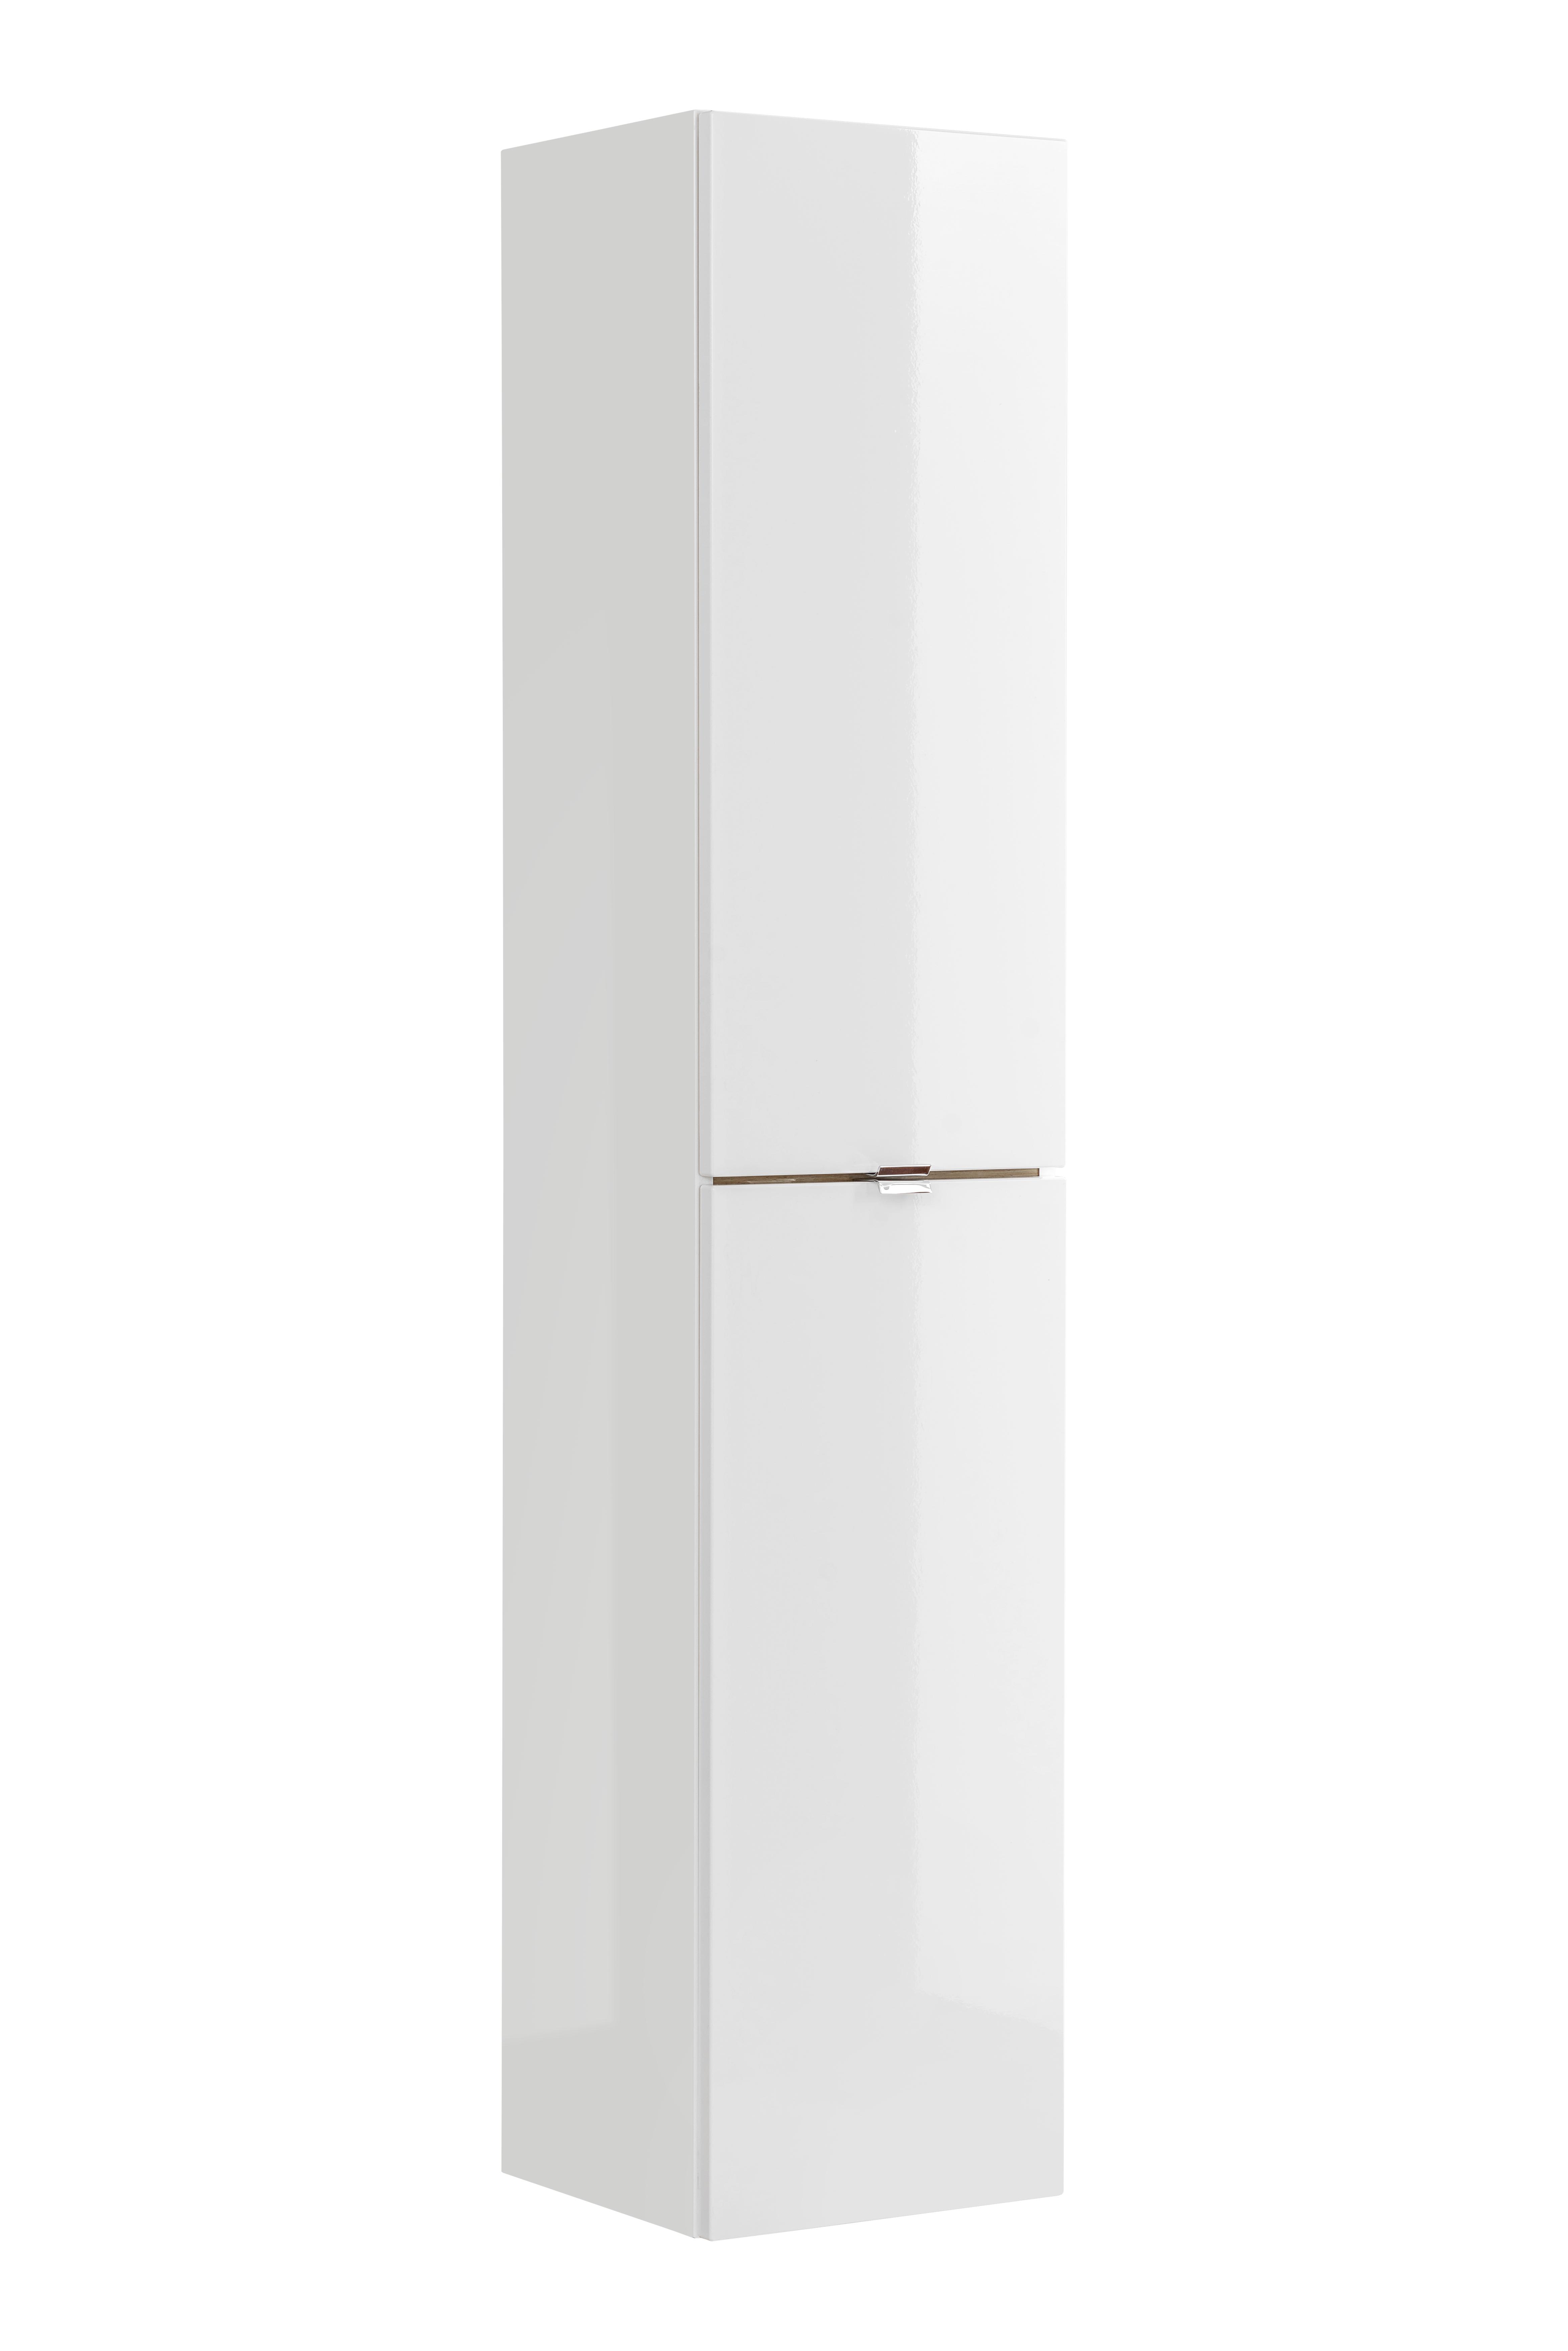 ArtCom Kúpeľňová zostava Capri   biela Capri   biela: Vysoká skrinka 800